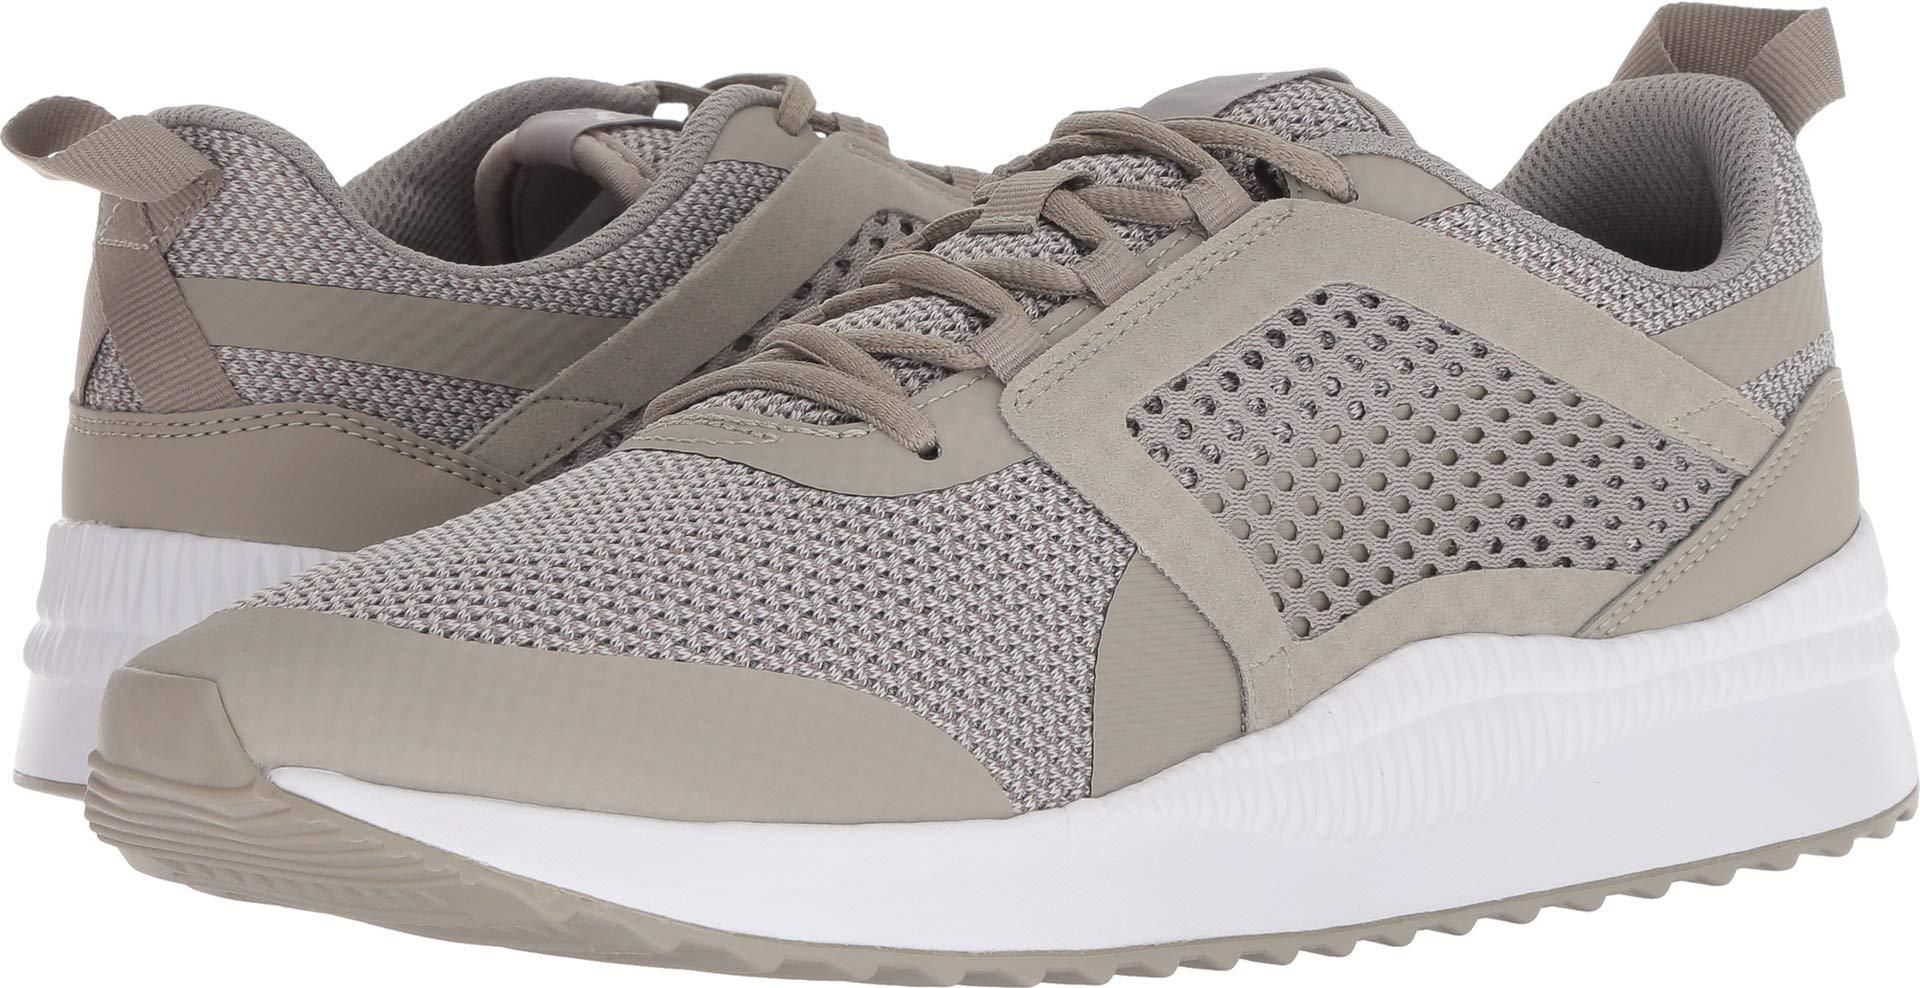 Pacer Next Net Sneaker, Elephant Skin-E